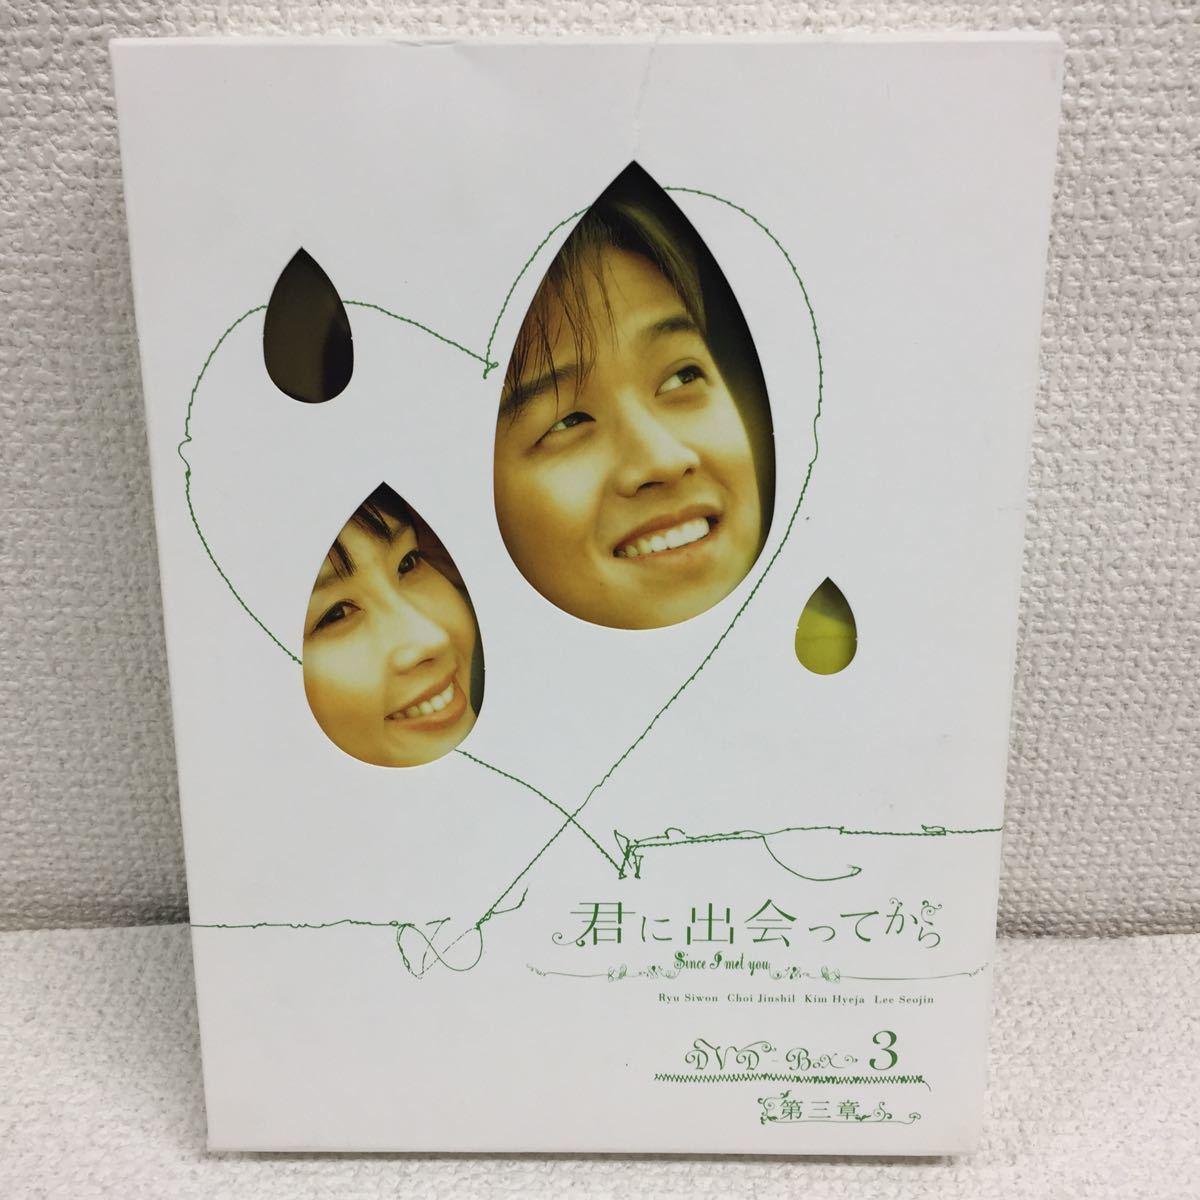 君に出会ってから 第三章 DVD-BOX 3 セル版 6枚組 韓国 ドラマ 韓流 日本語字幕 チョン・ソンジュ パク・ジョン リュ・シウォン_画像1